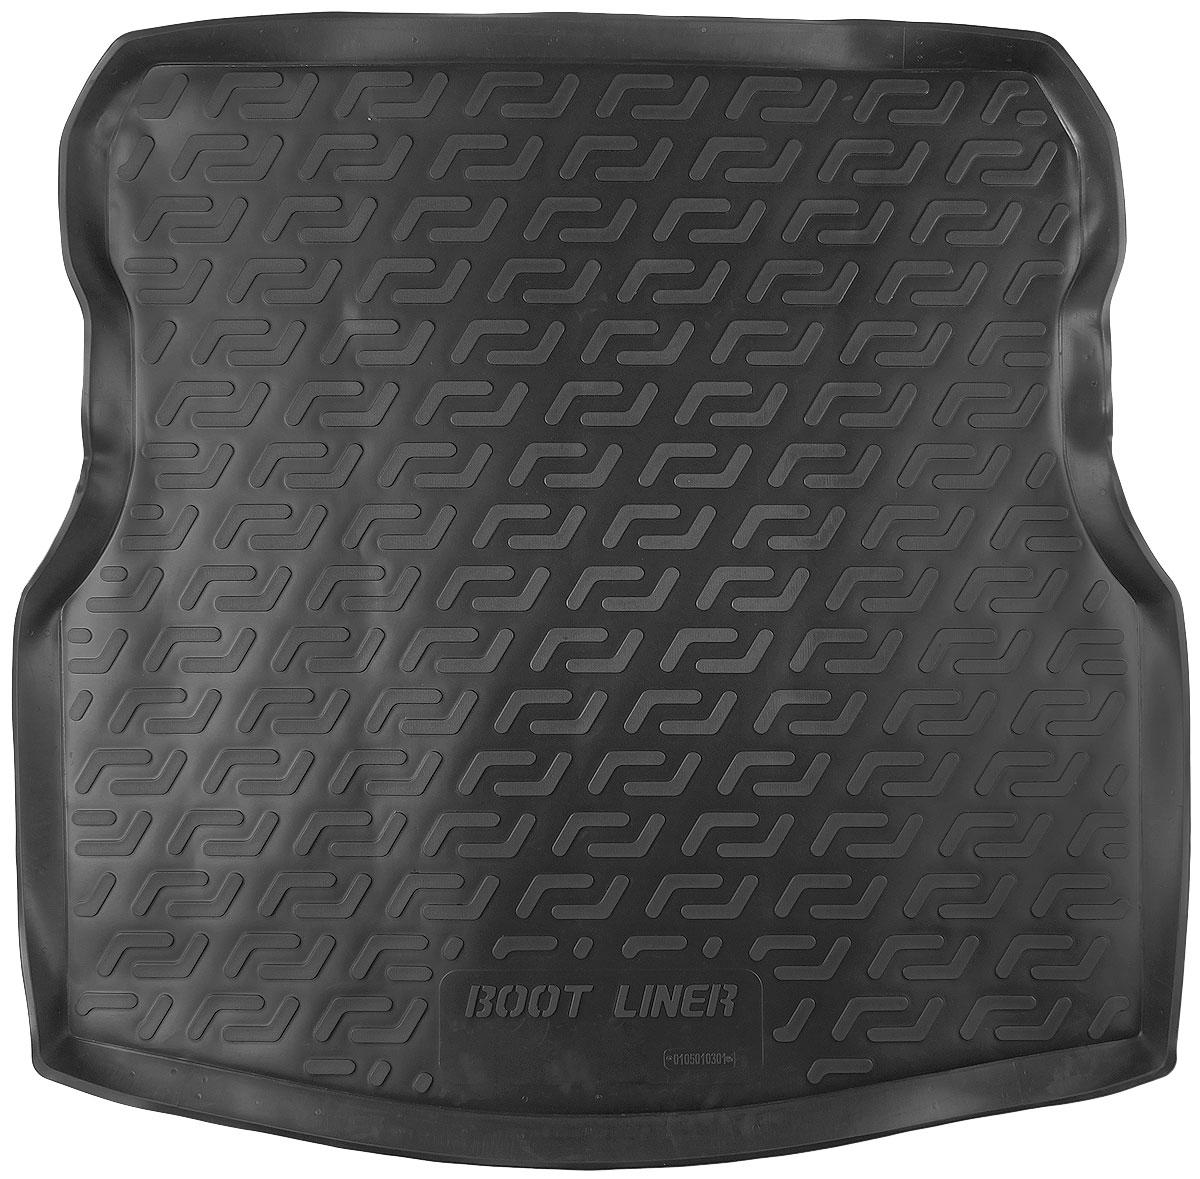 Коврик в багажник L.Locker, для Nissan Almera IV sd (13-)0105010301Коврик L.Locker производится индивидуально для каждой модели автомобиля из современного и экологически чистого материала. Изделие точно повторяет геометрию пола автомобиля, имеет высокий борт, обладает повышенной износоустойчивостью, антискользящими свойствами, лишен резкого запаха и сохраняет свои потребительские свойства в широком диапазоне температур (от -50°С до +80°С).